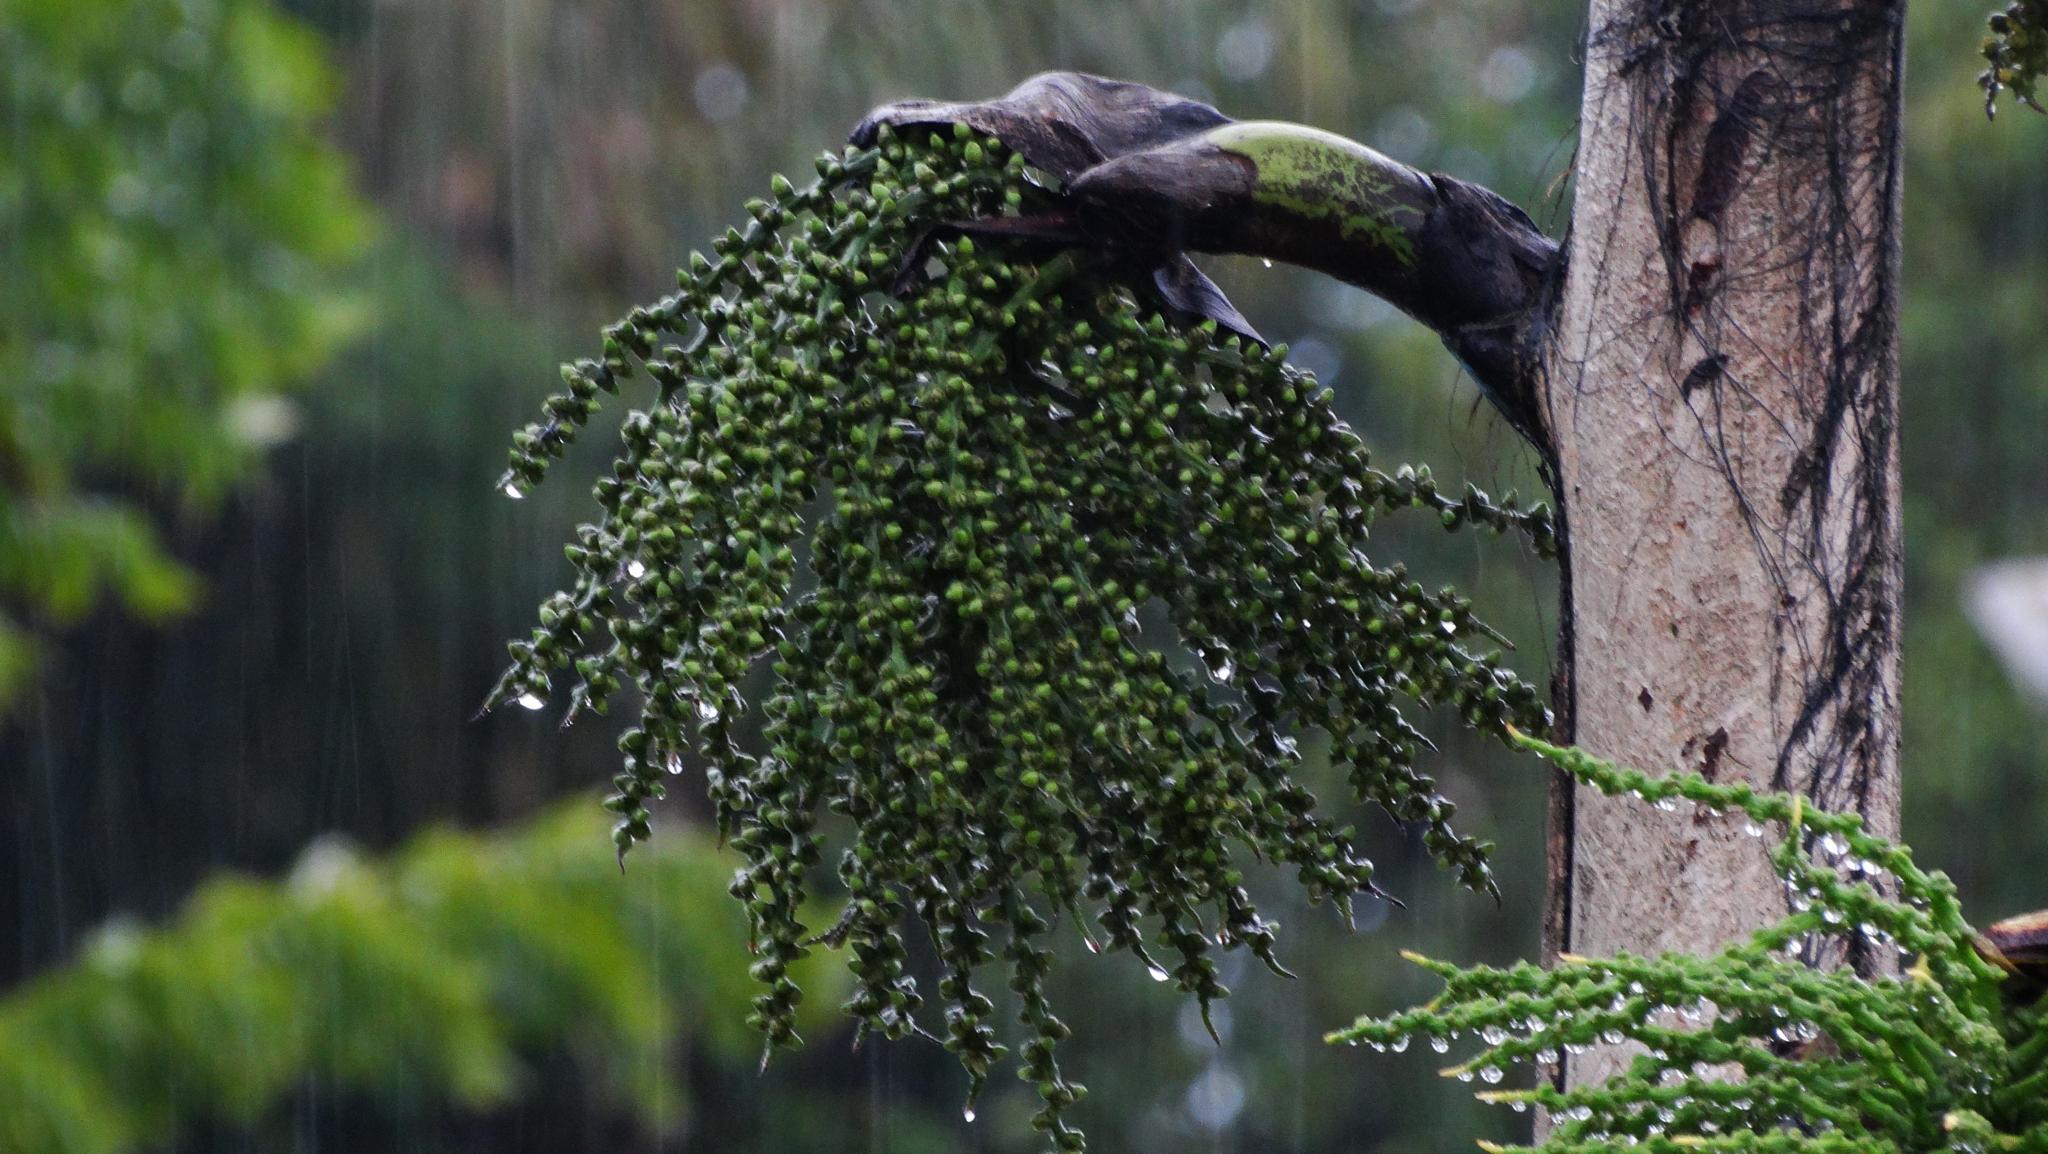 Domingo de chuva by onofre.martins